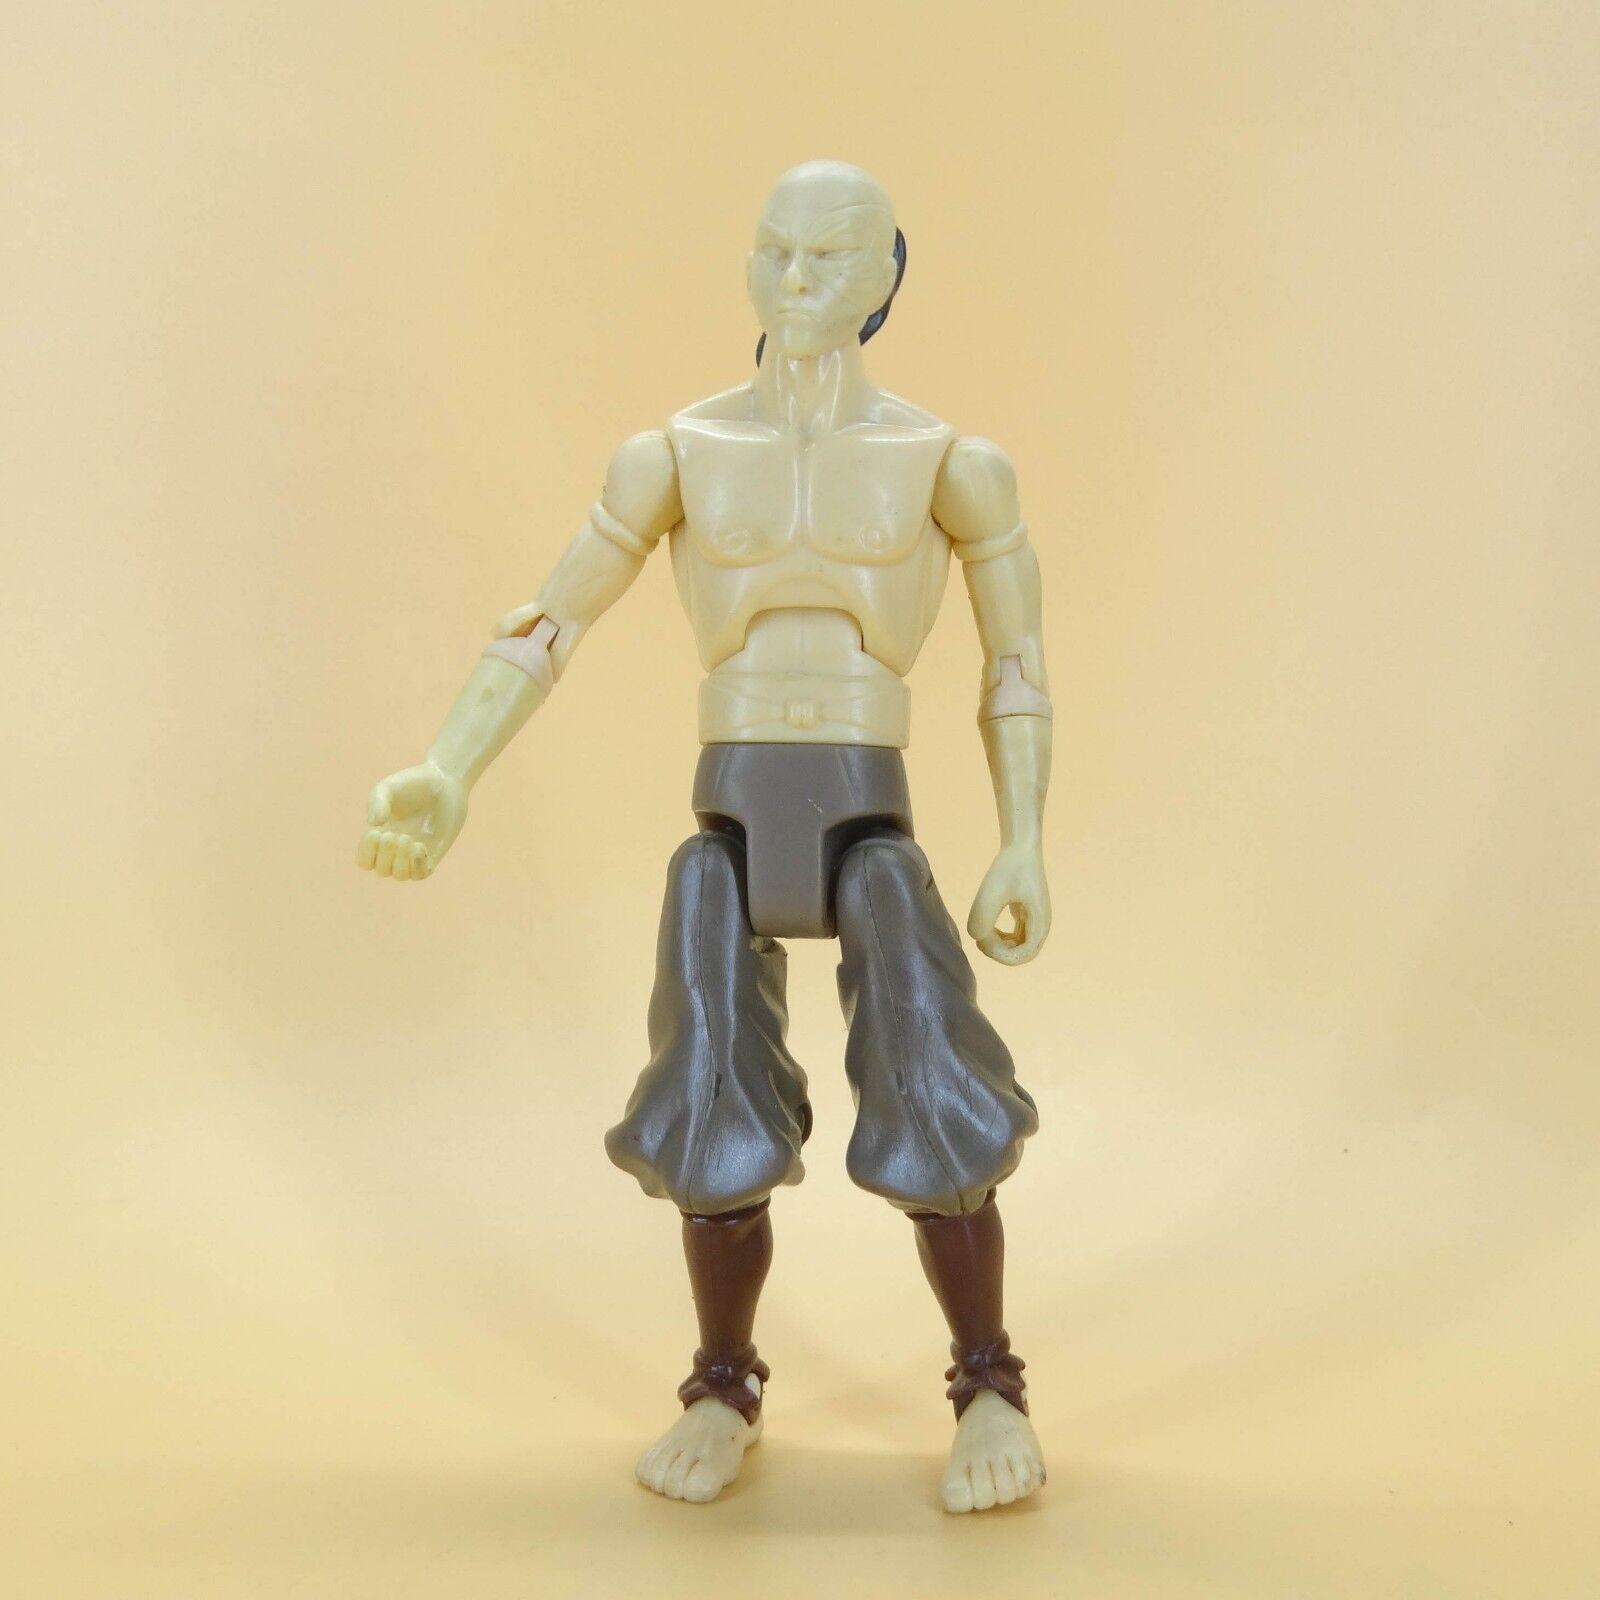 Avatar - der letzte luftbändiger zuko action - figur  5,5    ¥6